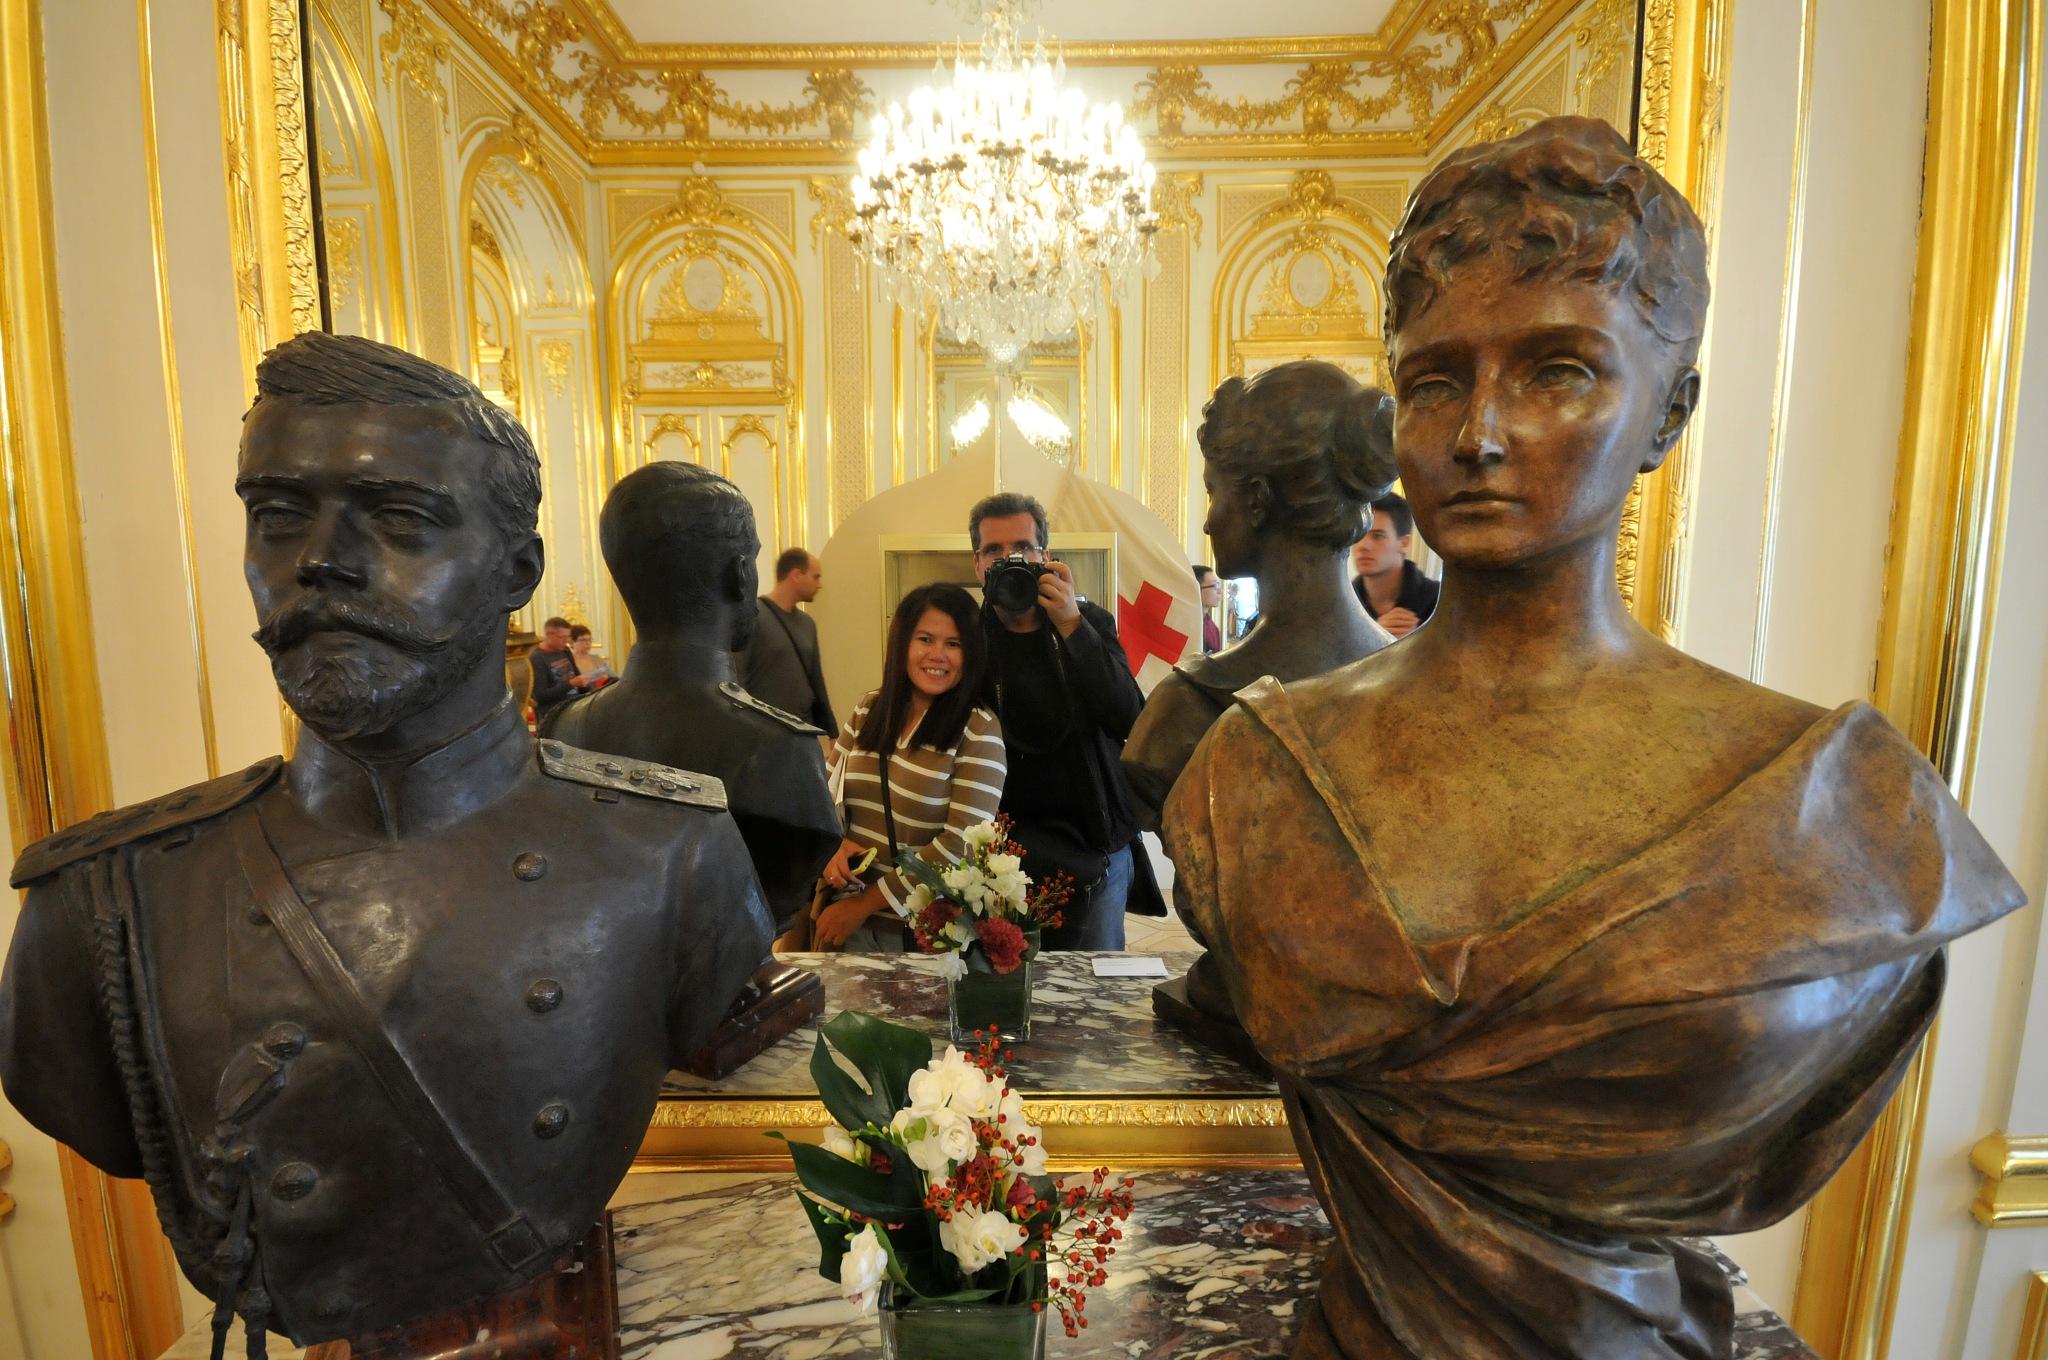 гражданка и гражданин Mapин между Николай II и Александра Феодоровна  by JeanGregoireMarin